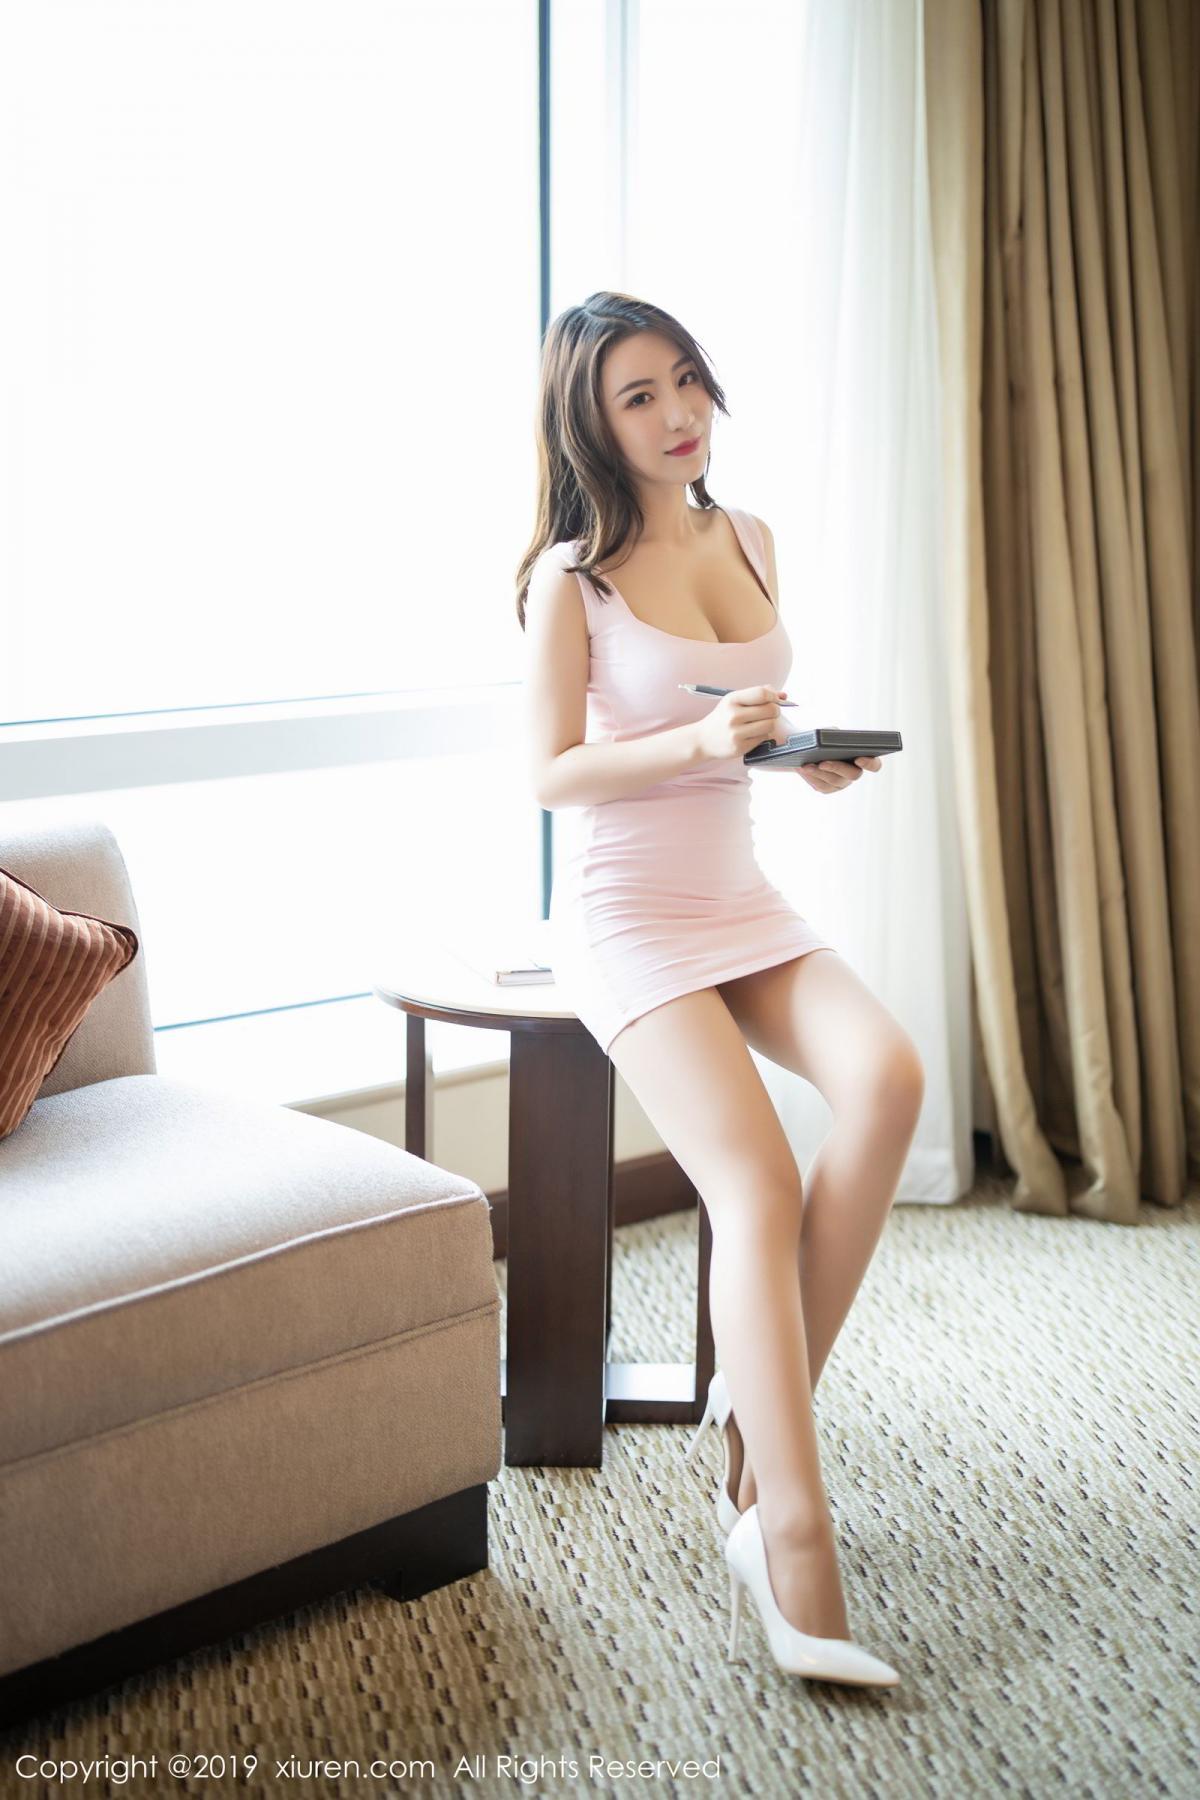 [XiaoYu] Vol.1697 Xie Zhi Xin 4P, Home, Sexy, XiaoYu, Xie Zhi Xin